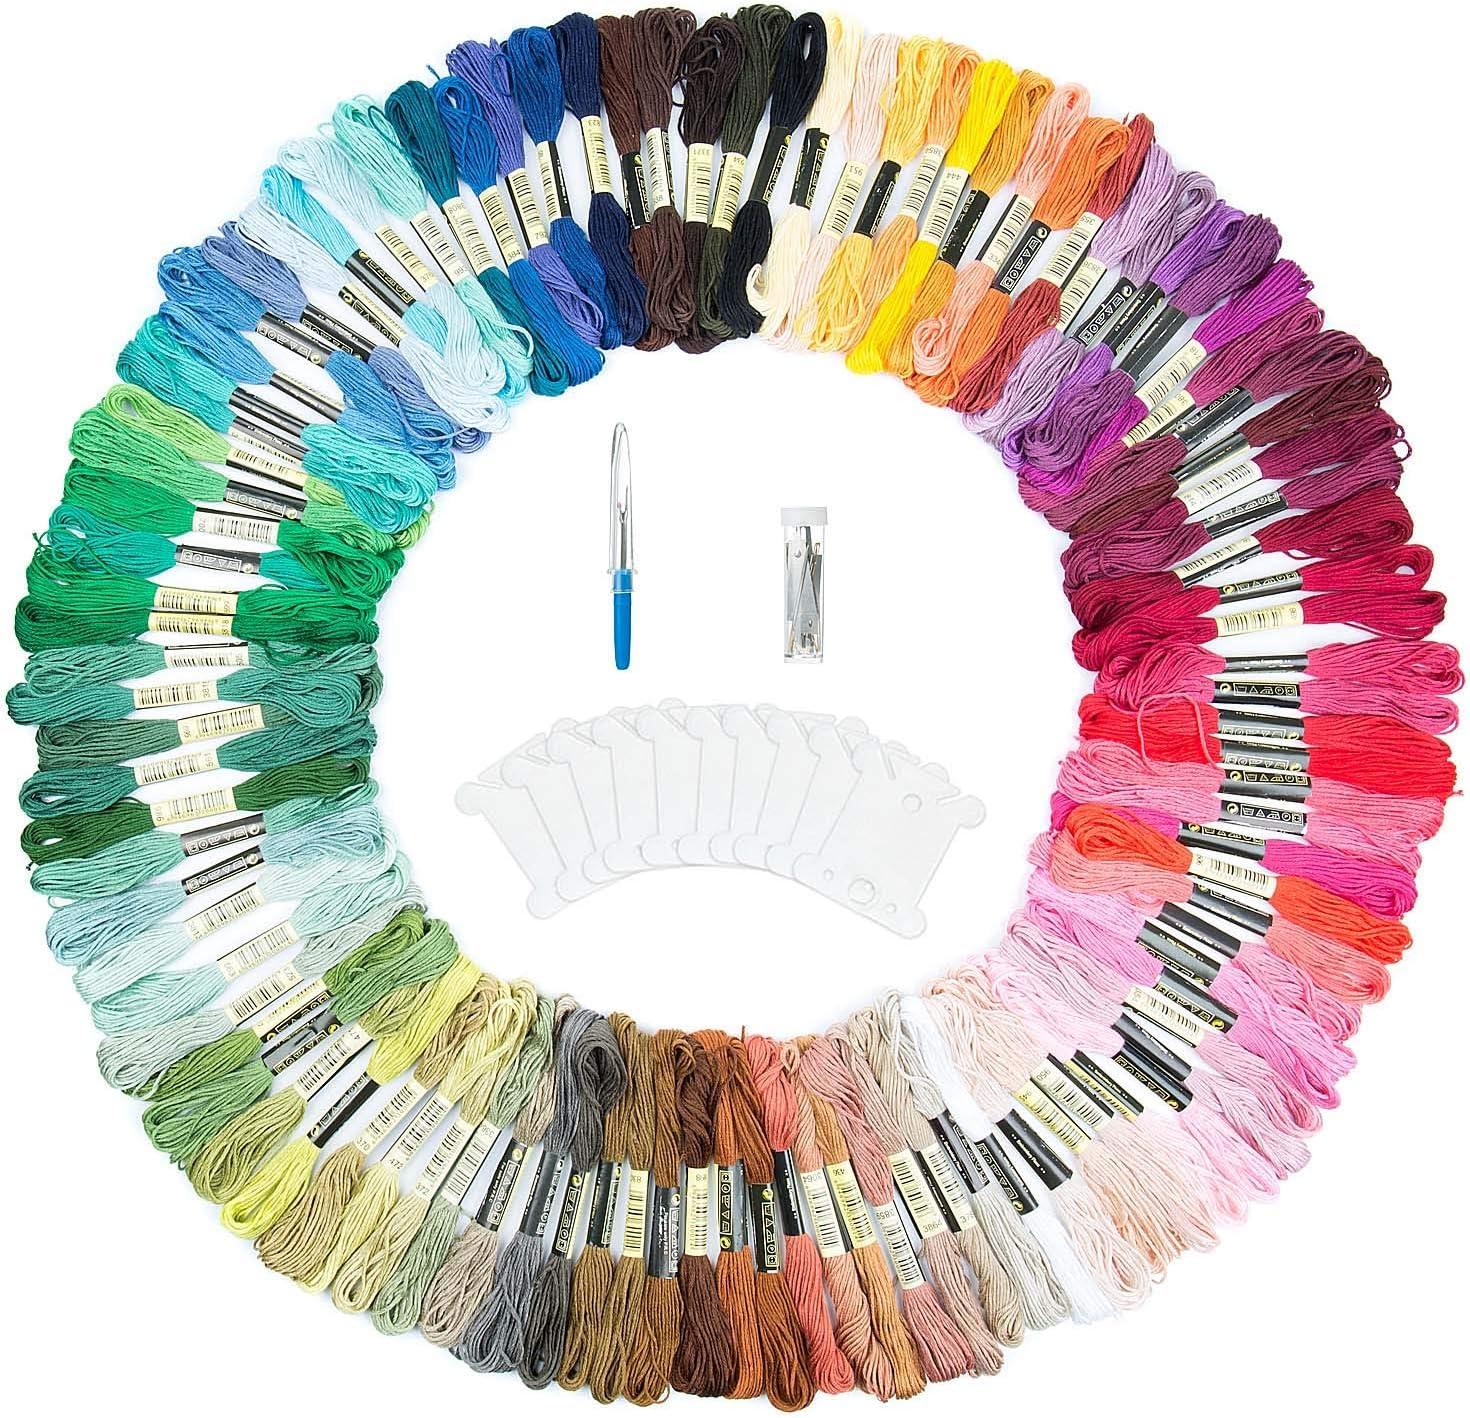 Stickerei Kreuzstich Set f/ür Freundschaftsb/änder ZWOOS 143 PCS Stickgarn Embroidery Floss Weicher Baumwolle 100 Farben Stickerei